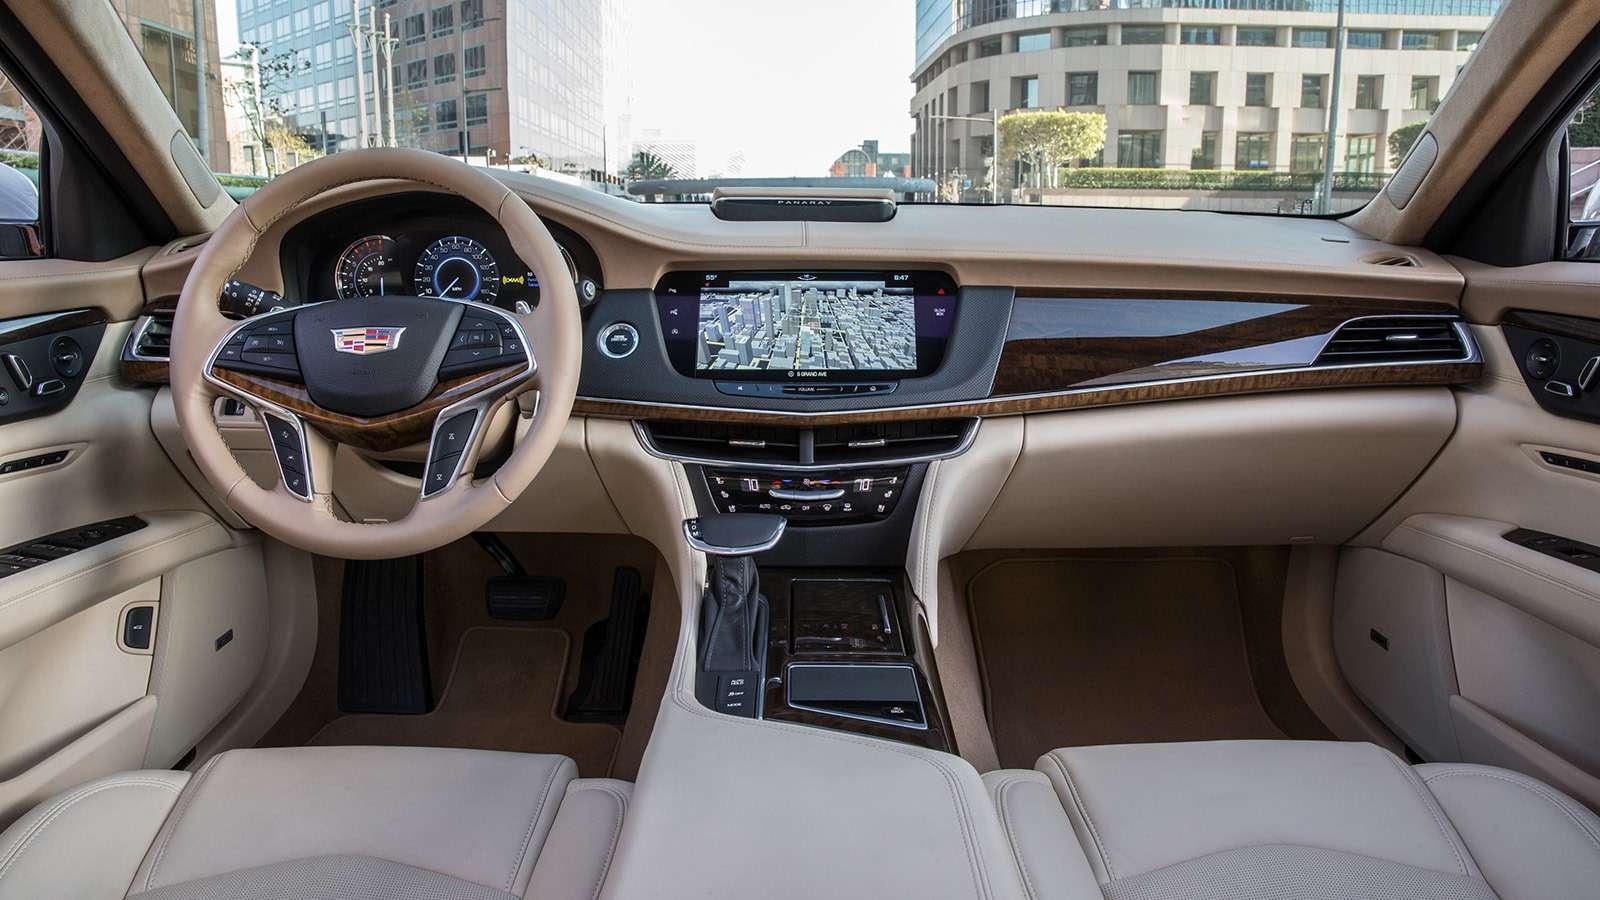 Флагманский седан Cadillac: цены икомплектации вРоссии— фото 823426